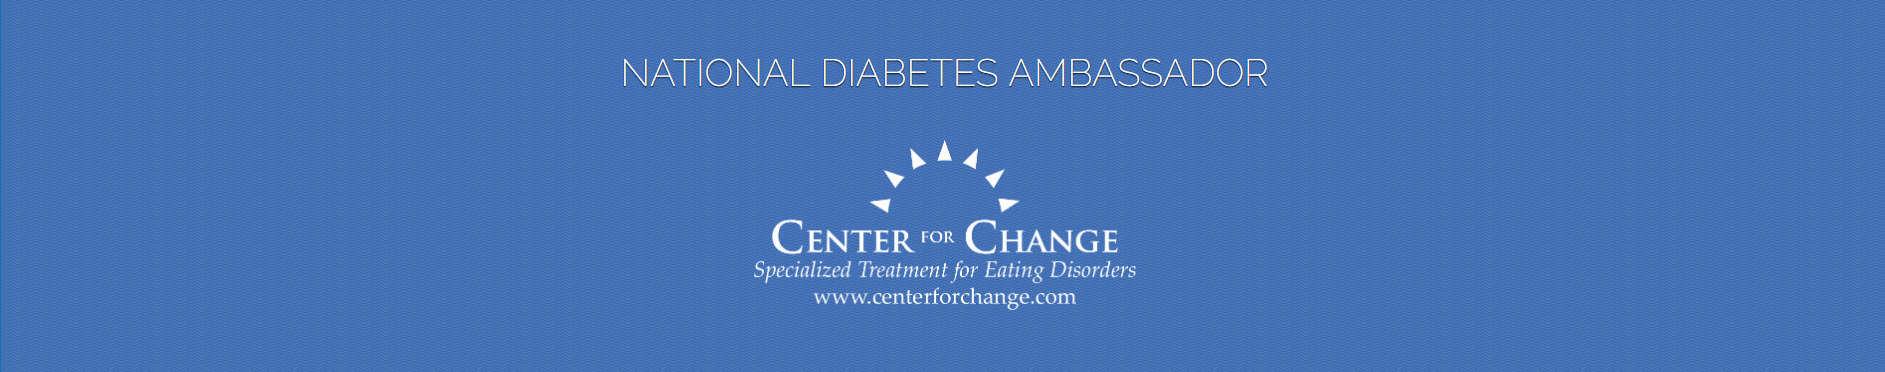 Center For Change Banner